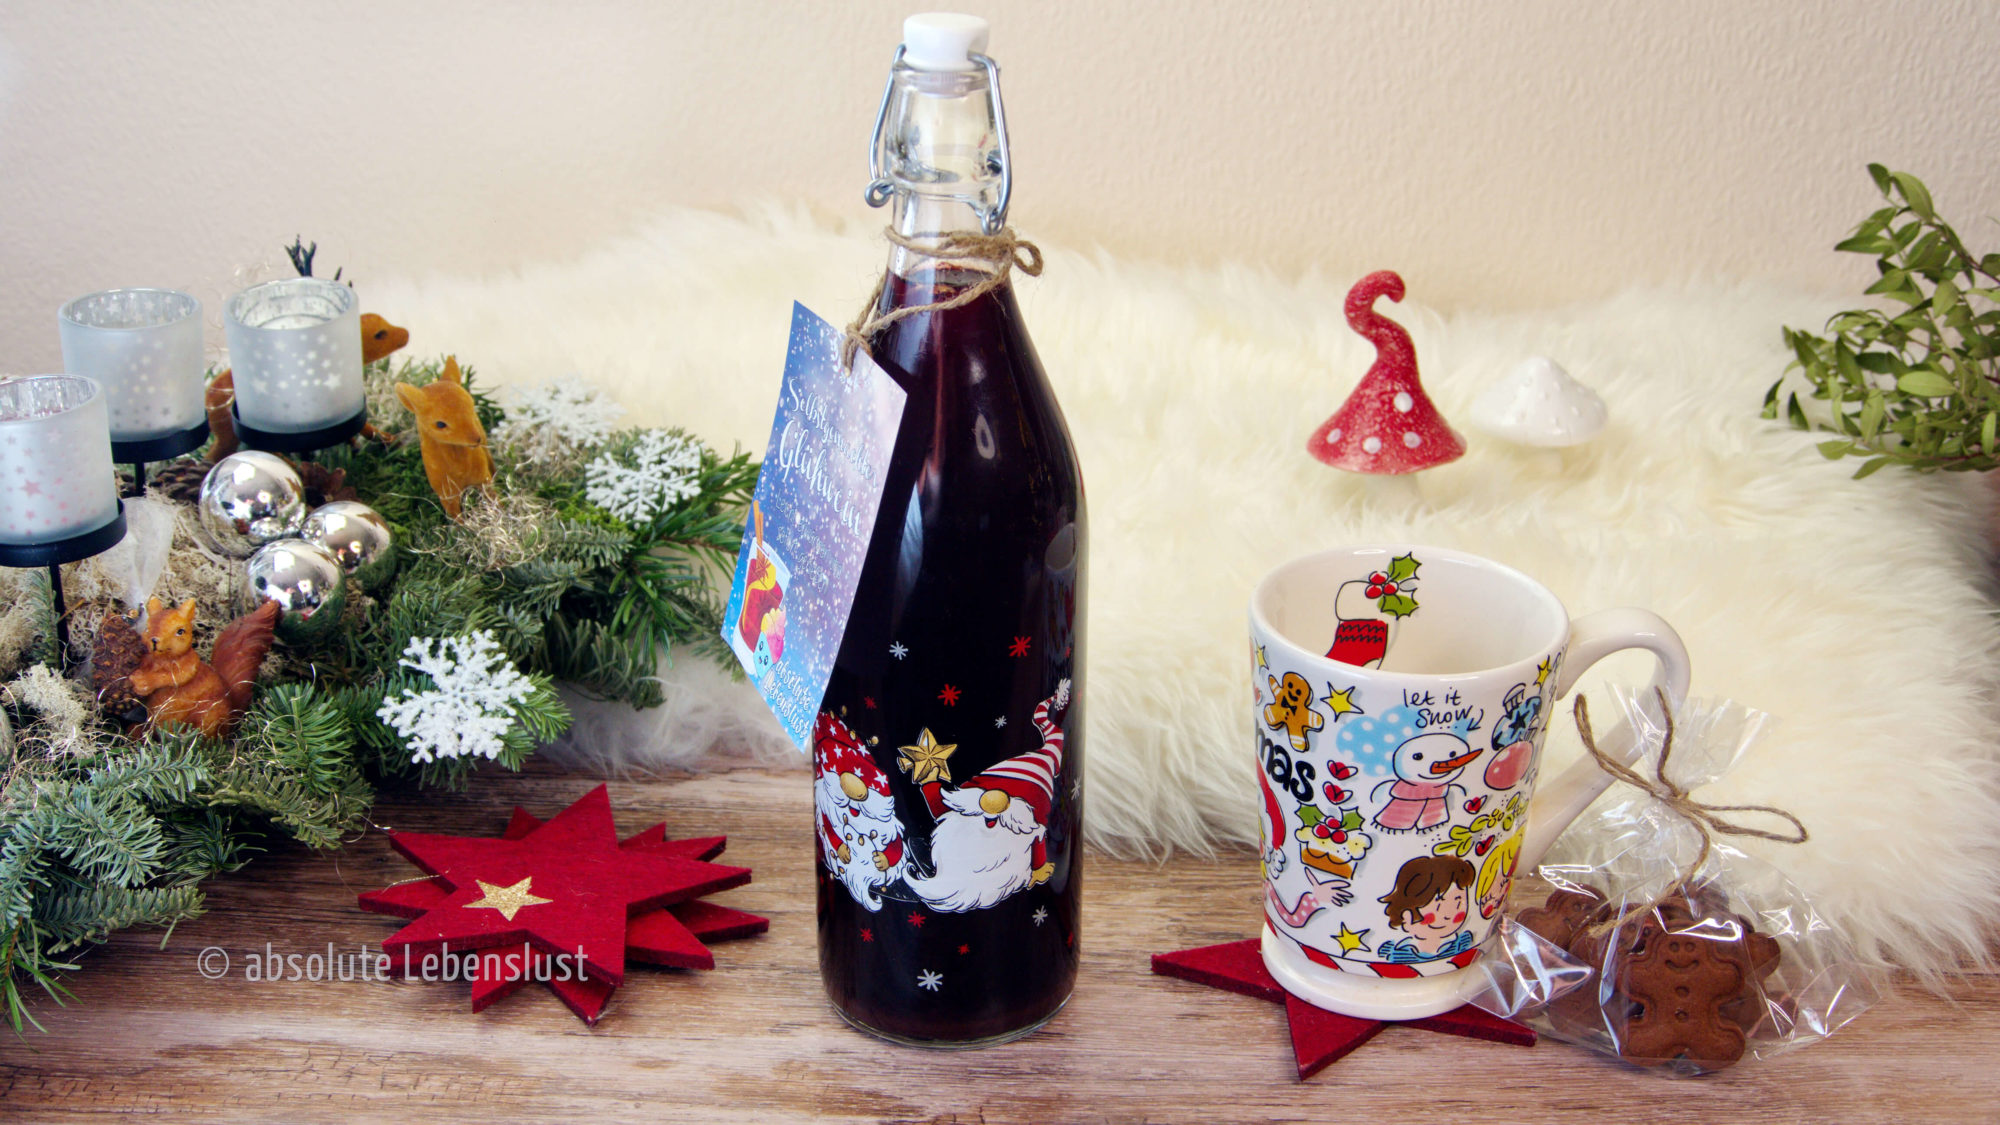 glühwein selber machen, geschenke aus der küche, weihnachtsgeschenke selber machen, selbstgemachter glühwein, weihnachtsmarkt rezepte